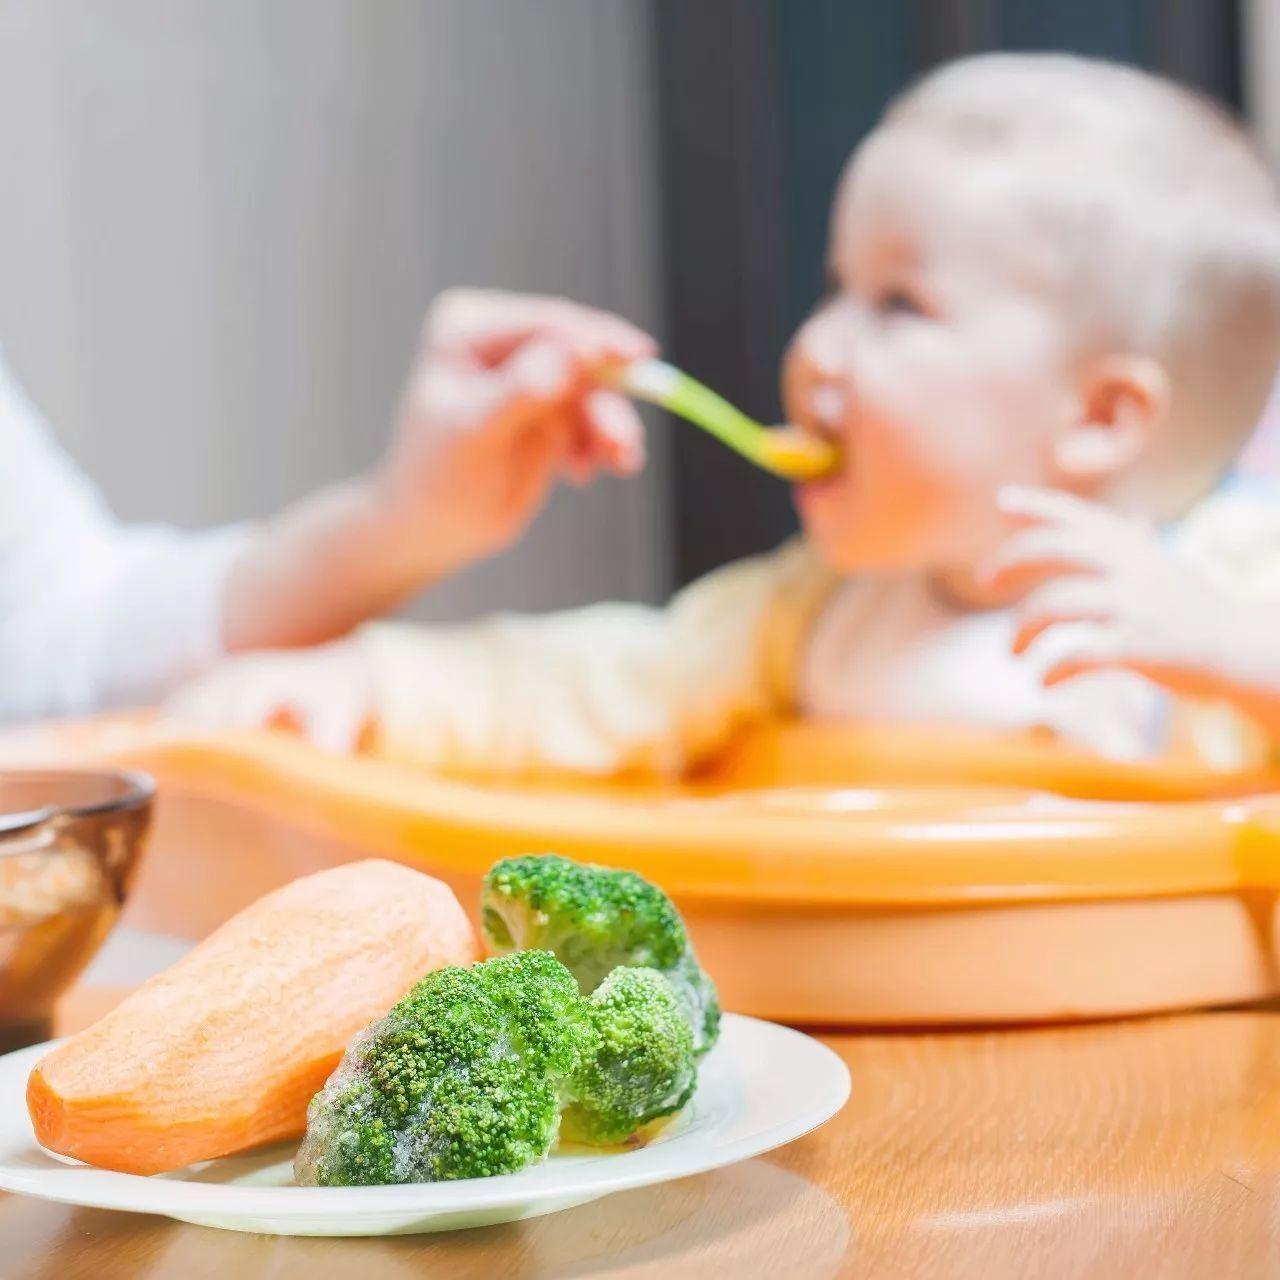 宝宝总是要喂着才肯吃饭?其实是家长的错